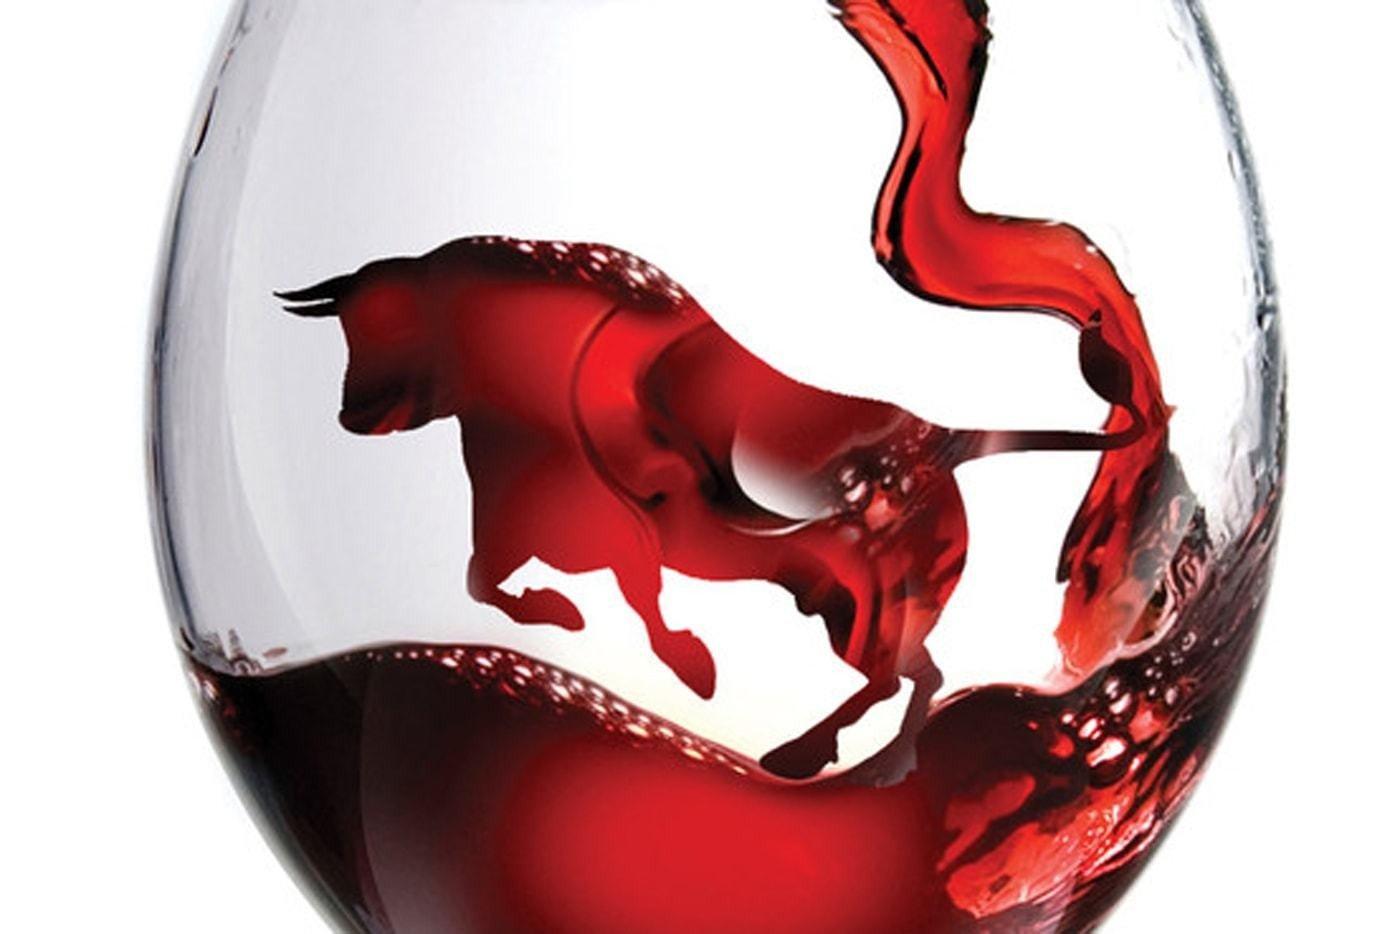 Eger-Szekszárd Bikavér bortípusok párbaját rendezik meg a fővárosban